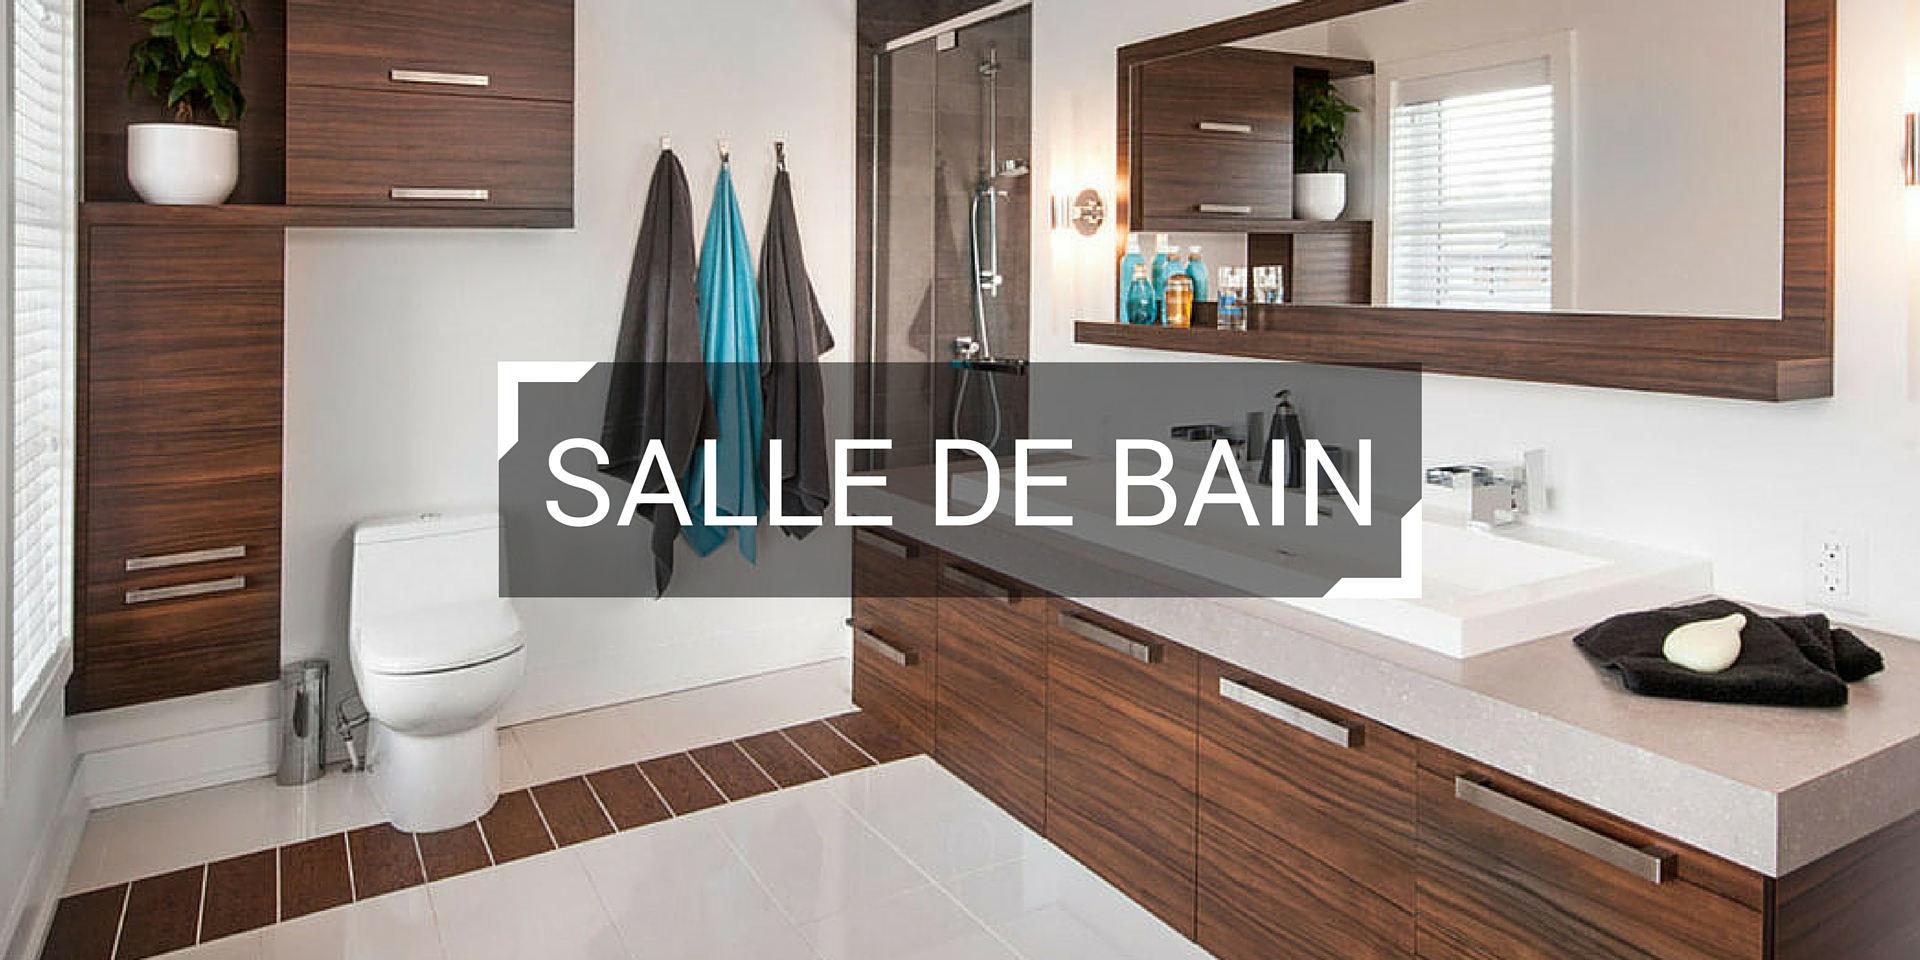 Pourquoi des meubles sur mesure pour la rénovation de salle de bain?